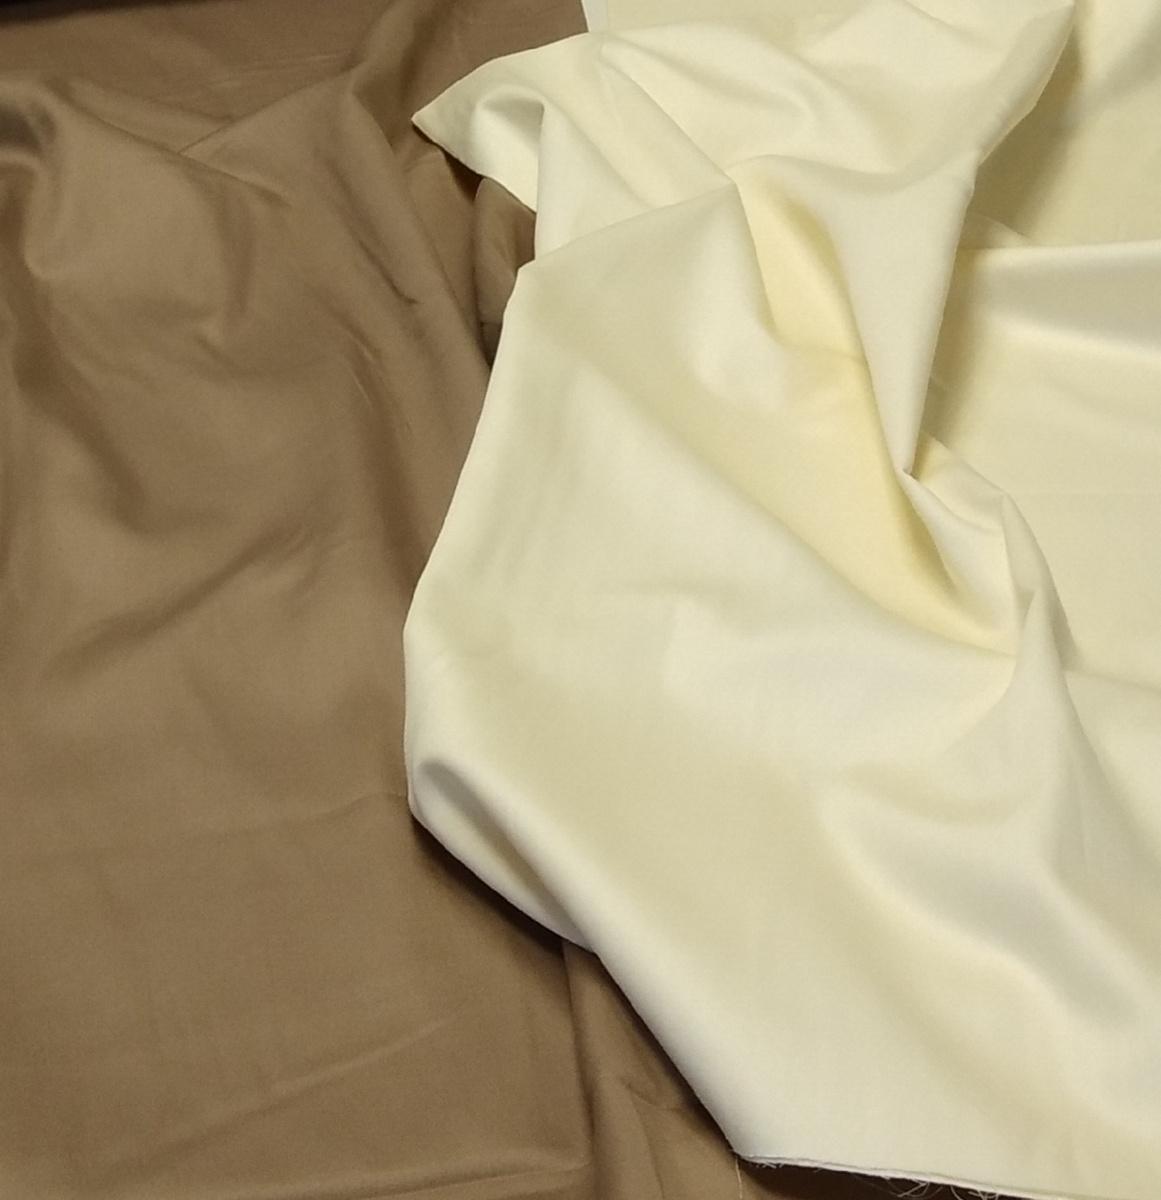 купить ткань шелк натуральный для постельного белья